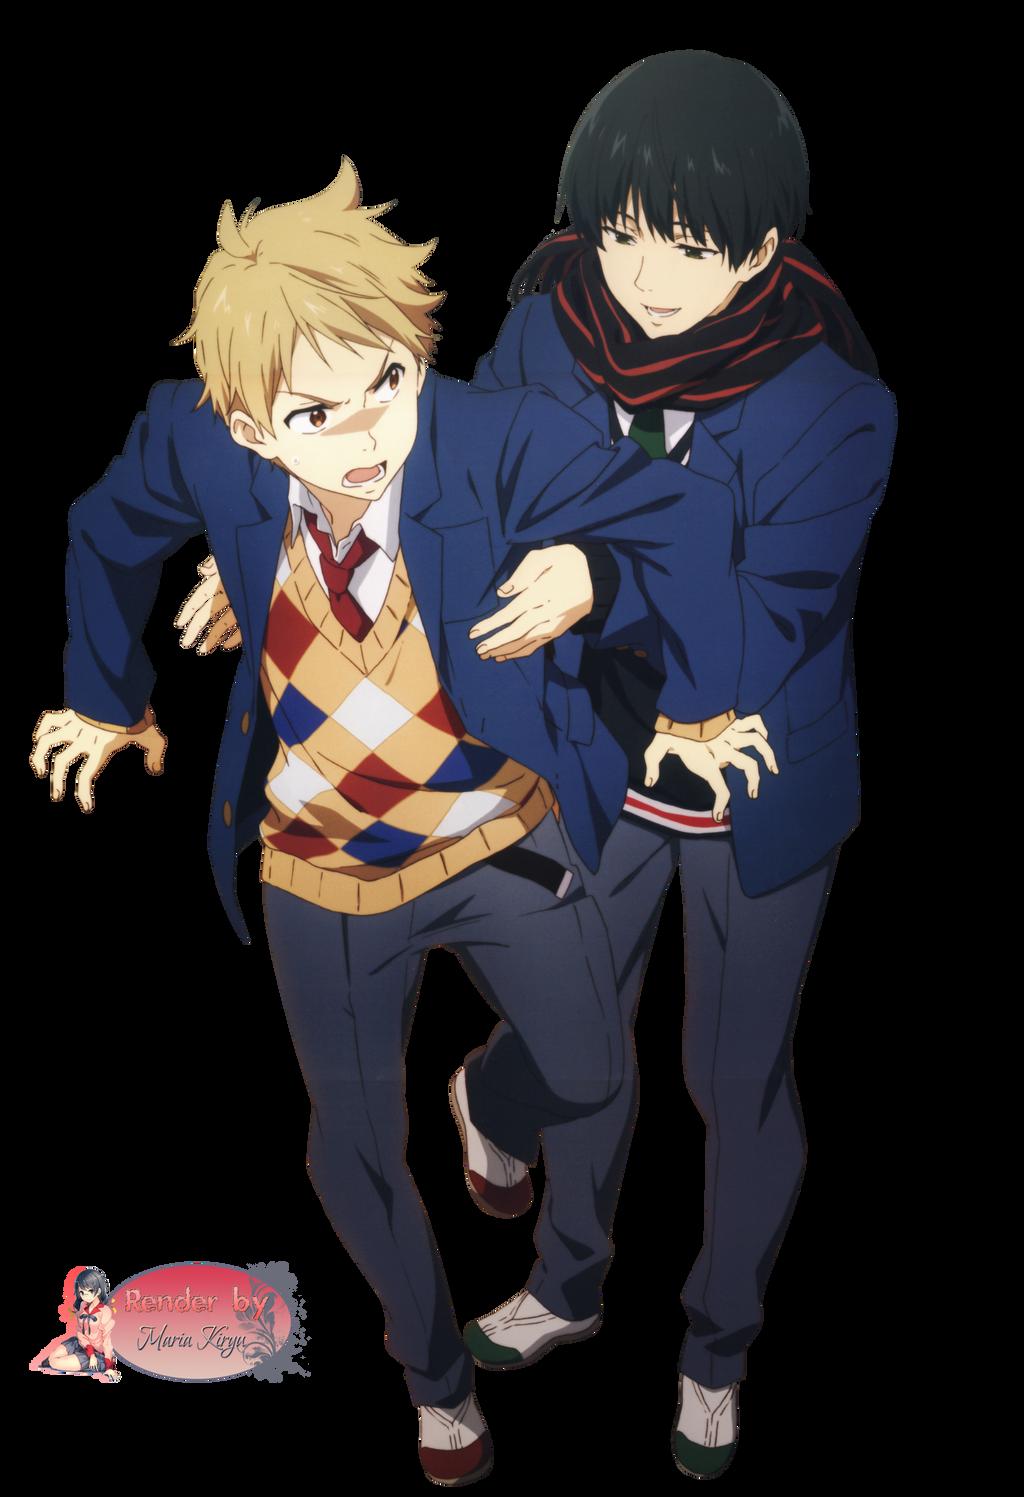 Renders anime Kyoukai_no_kanata_render_by_mariakiryu-d6yrra5